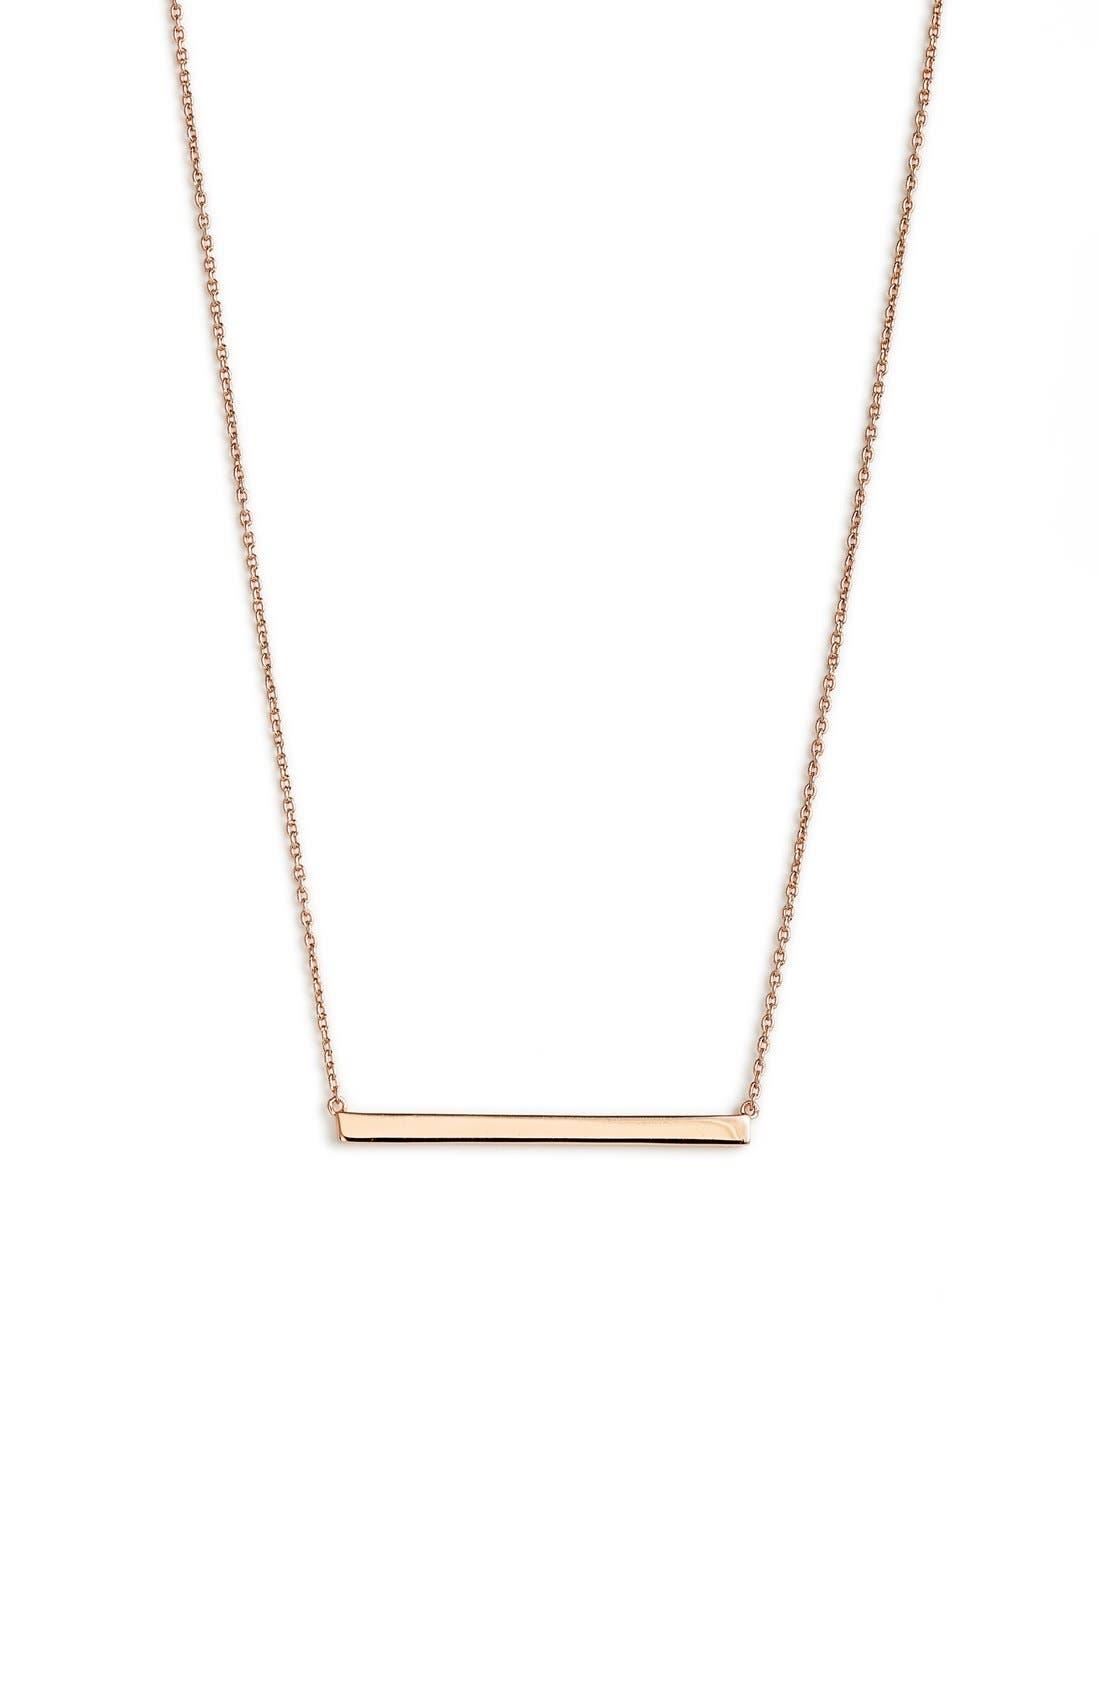 Argento Vivo Bar Pendant Necklace